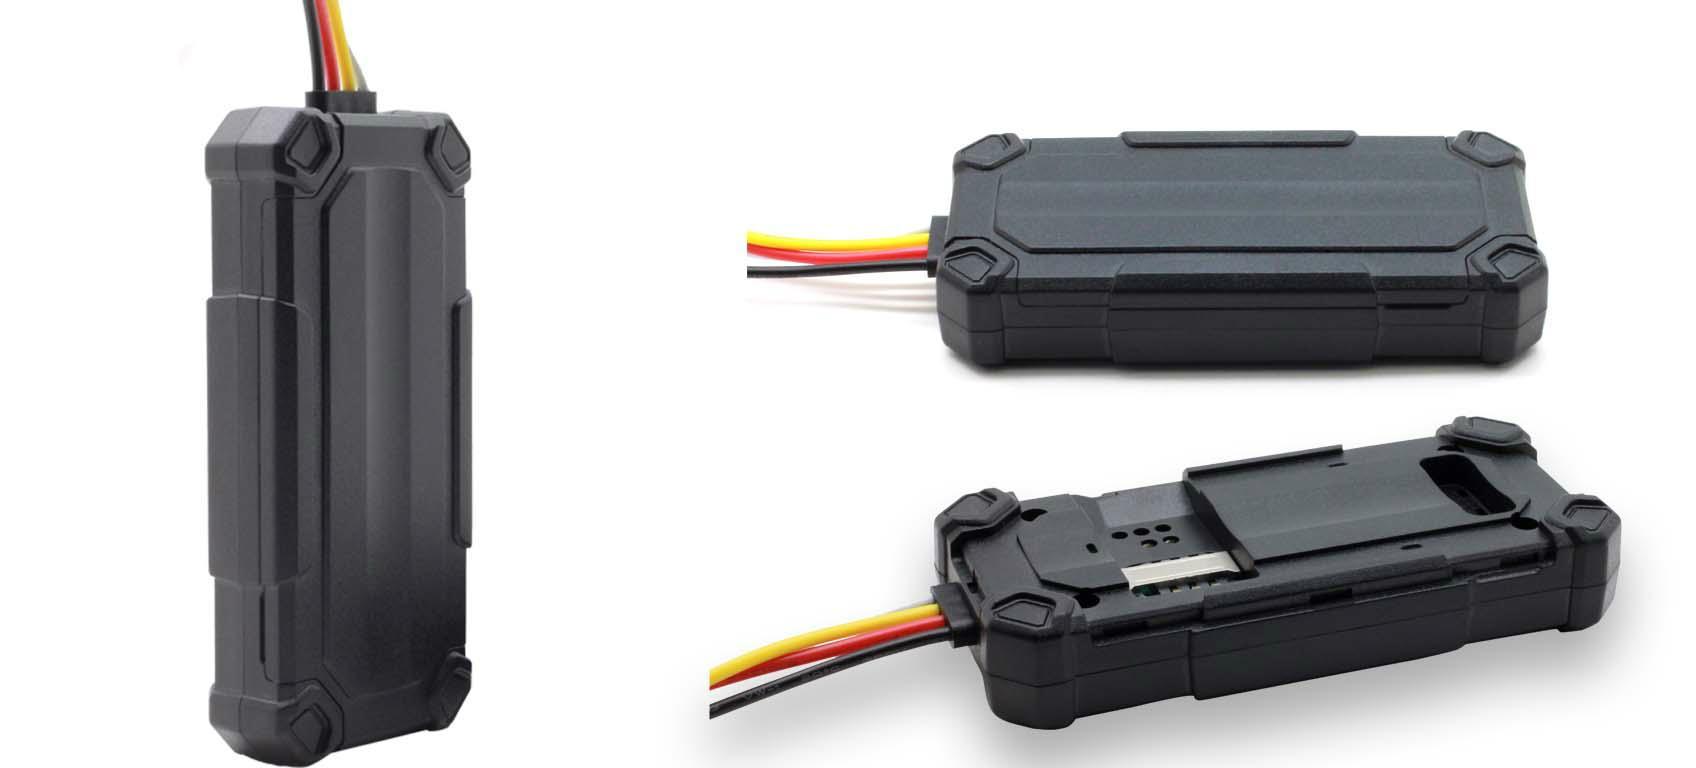 V.KEL 汽車定位追蹤器實時追蹤無線繼電器遠程斷油電 4